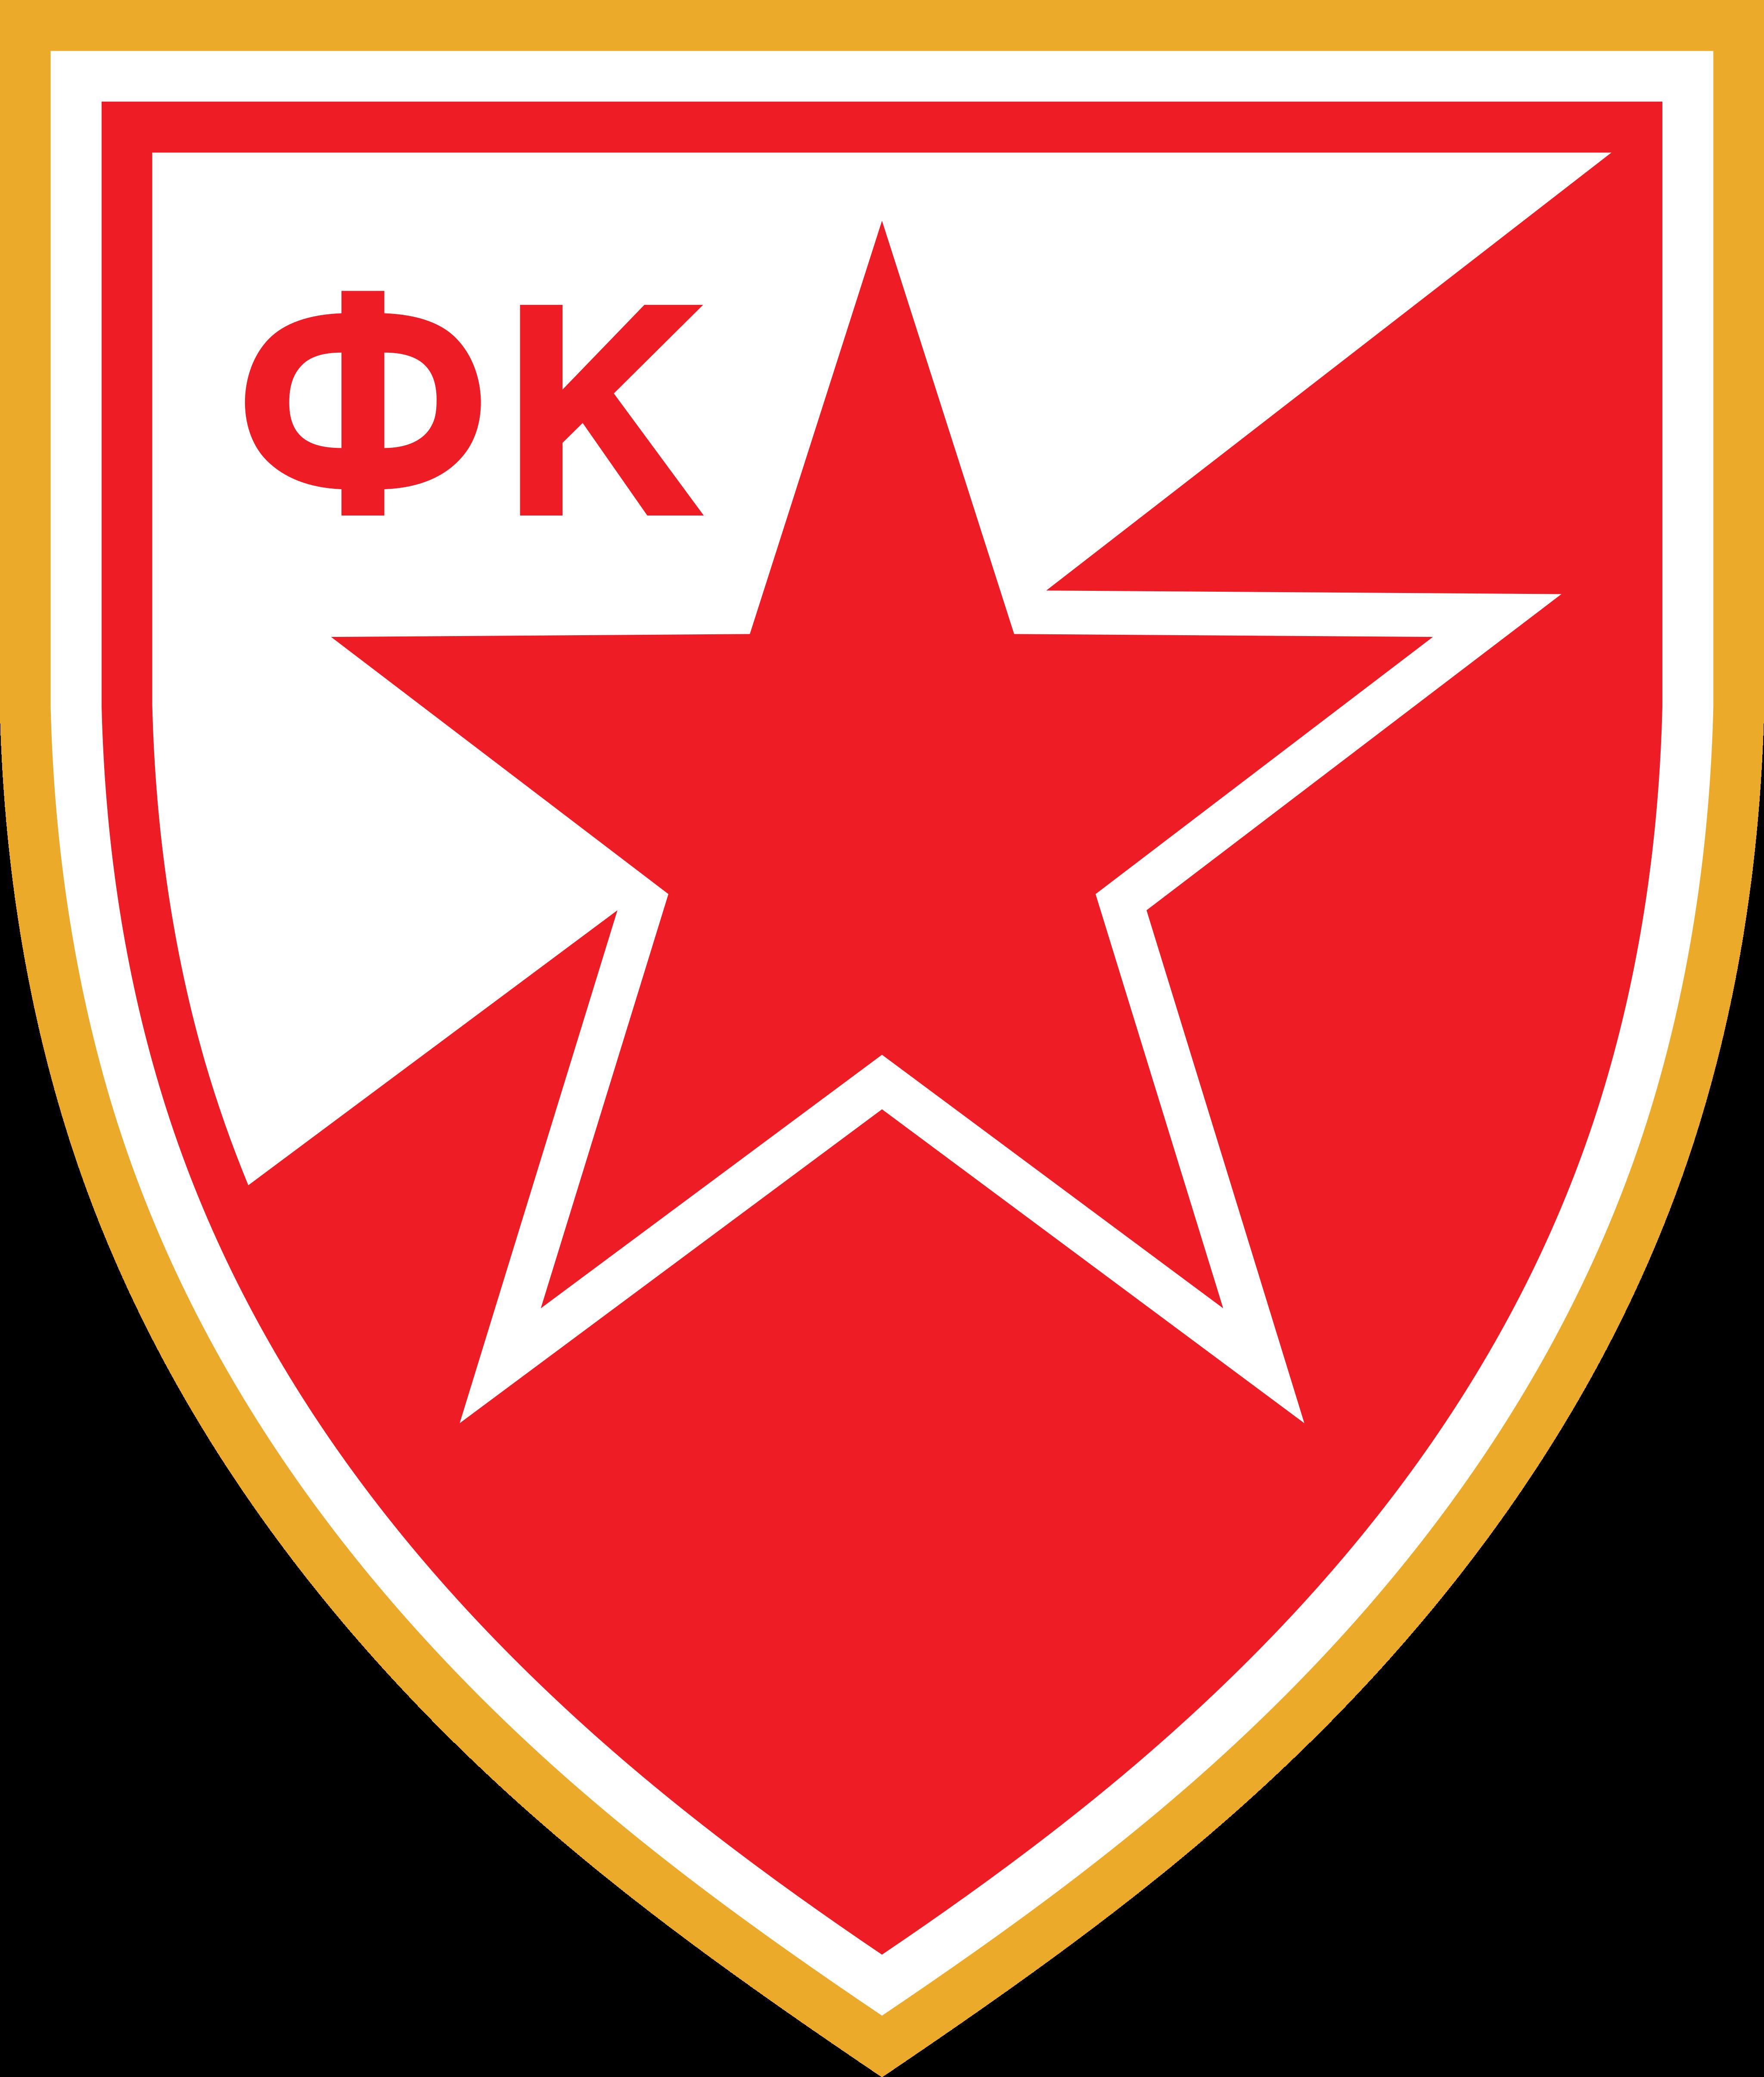 crvena zvezda logo 1 - FK Crvena zvezda - Red Star Belgrade - Logo